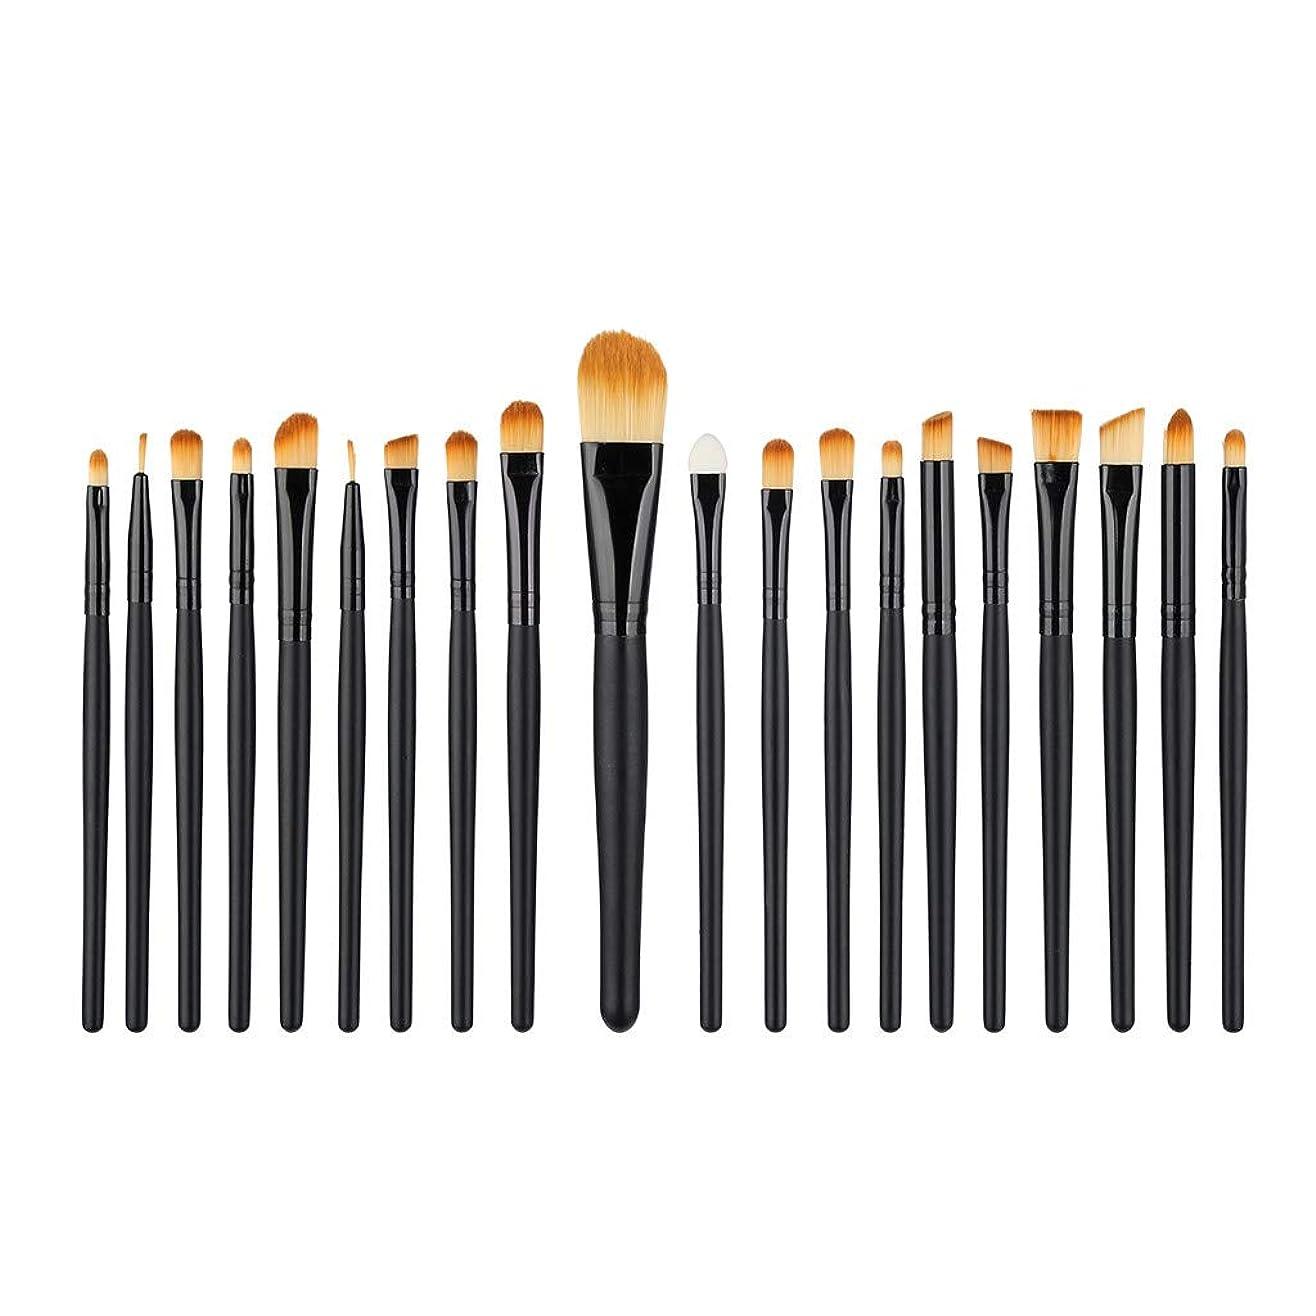 話線従事するメイクブラシ 化粧ブラシ 20本 木製柄セット 化粧セット ウールセット シャオメイスター